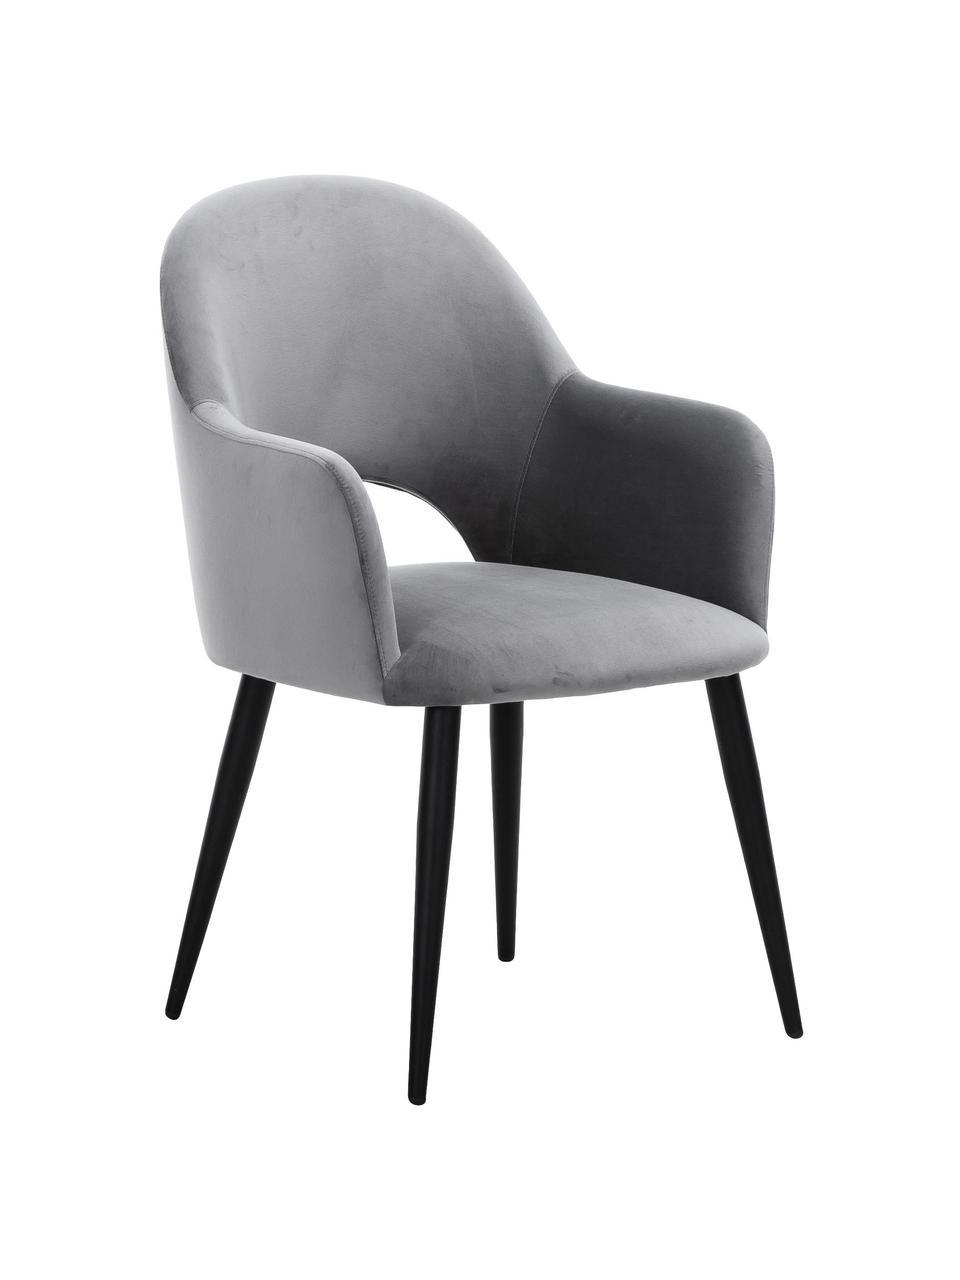 Sametová židle spodručkami Rachel, Ocelově šedá Nohy: černá